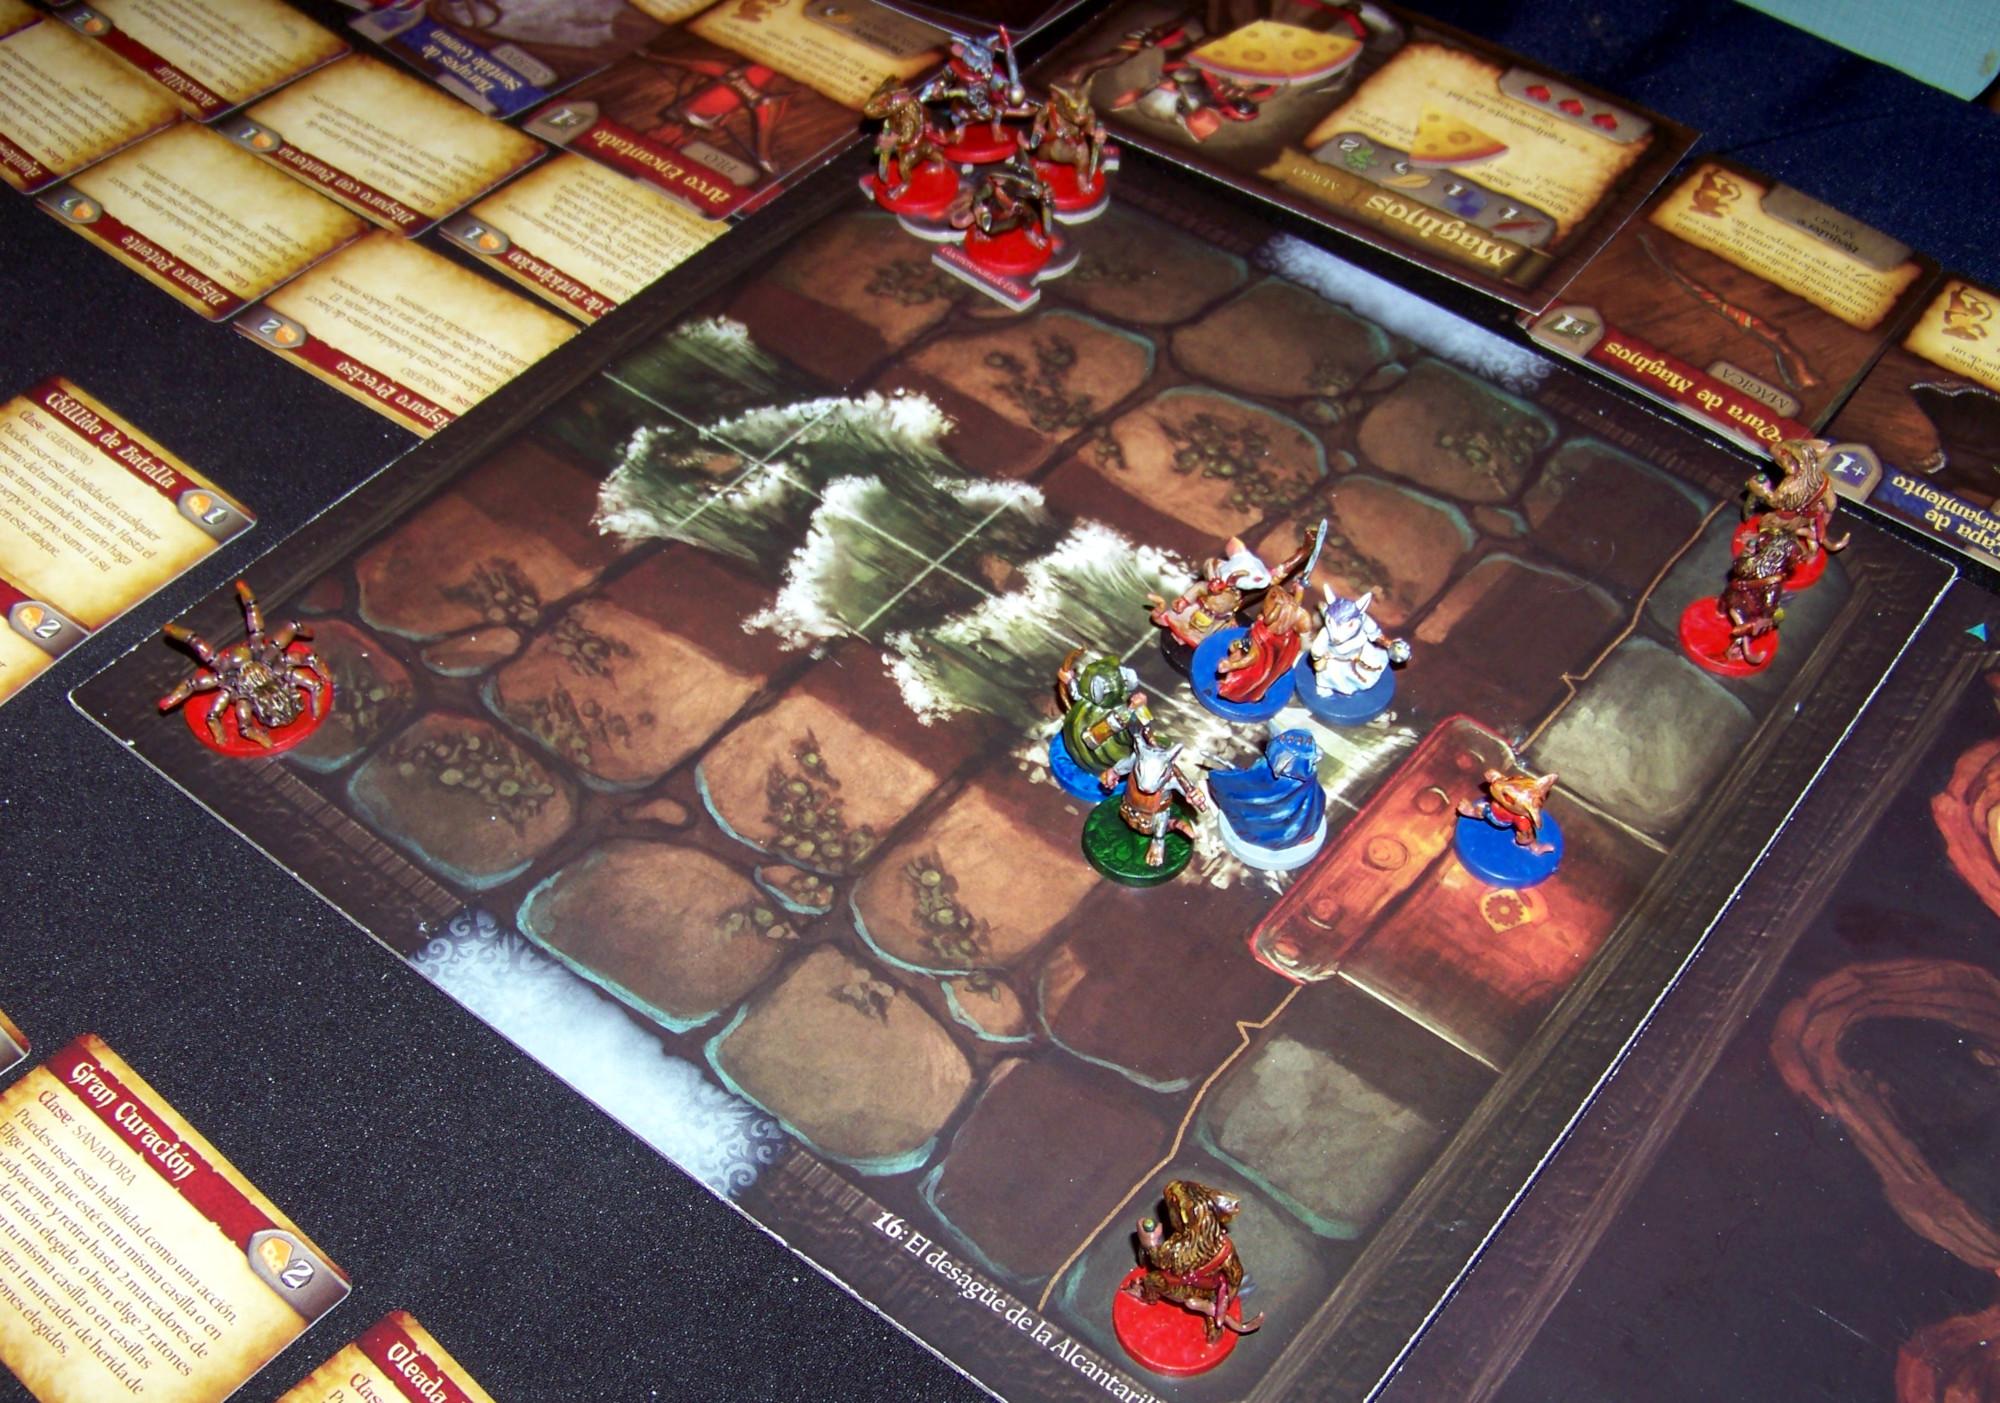 Juego de mesa De Ratones y Magia - partida en curso (2)